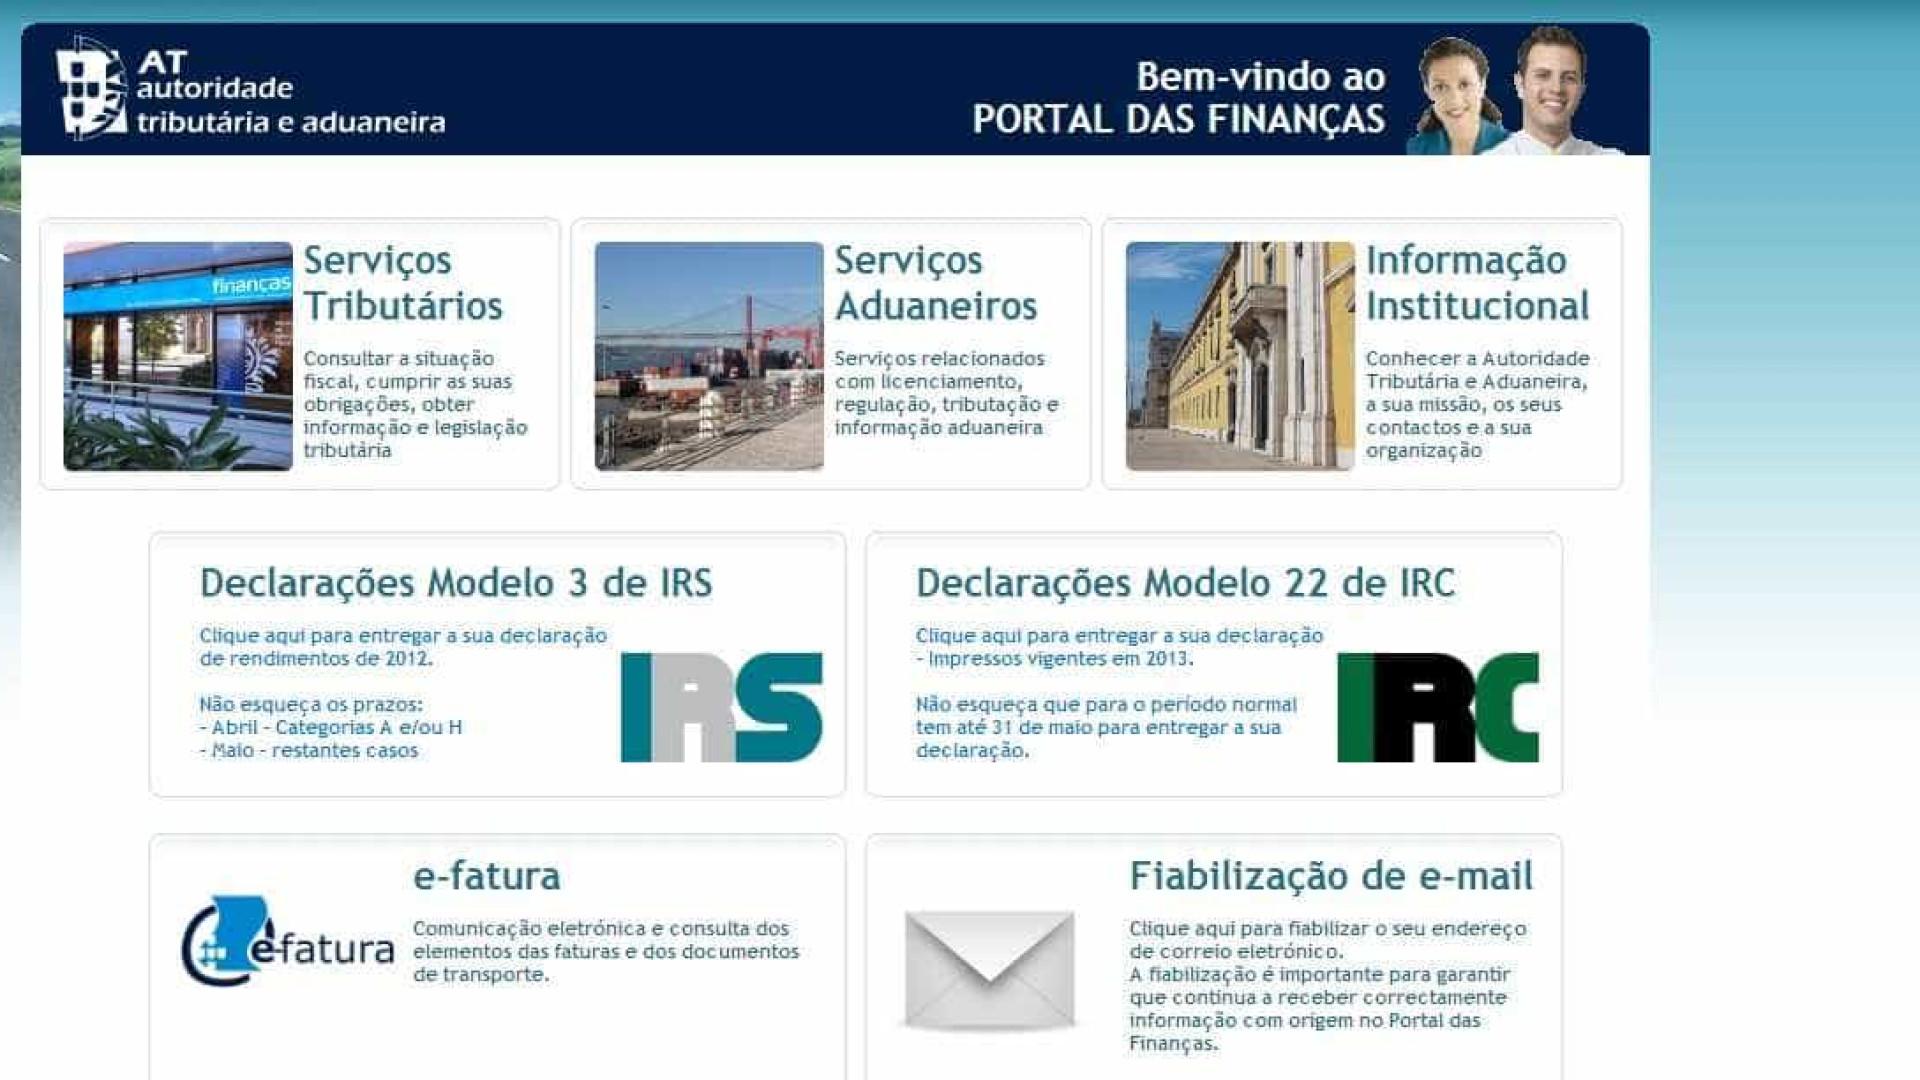 Portal das Finanças disponível depois de 5 horas em baixo